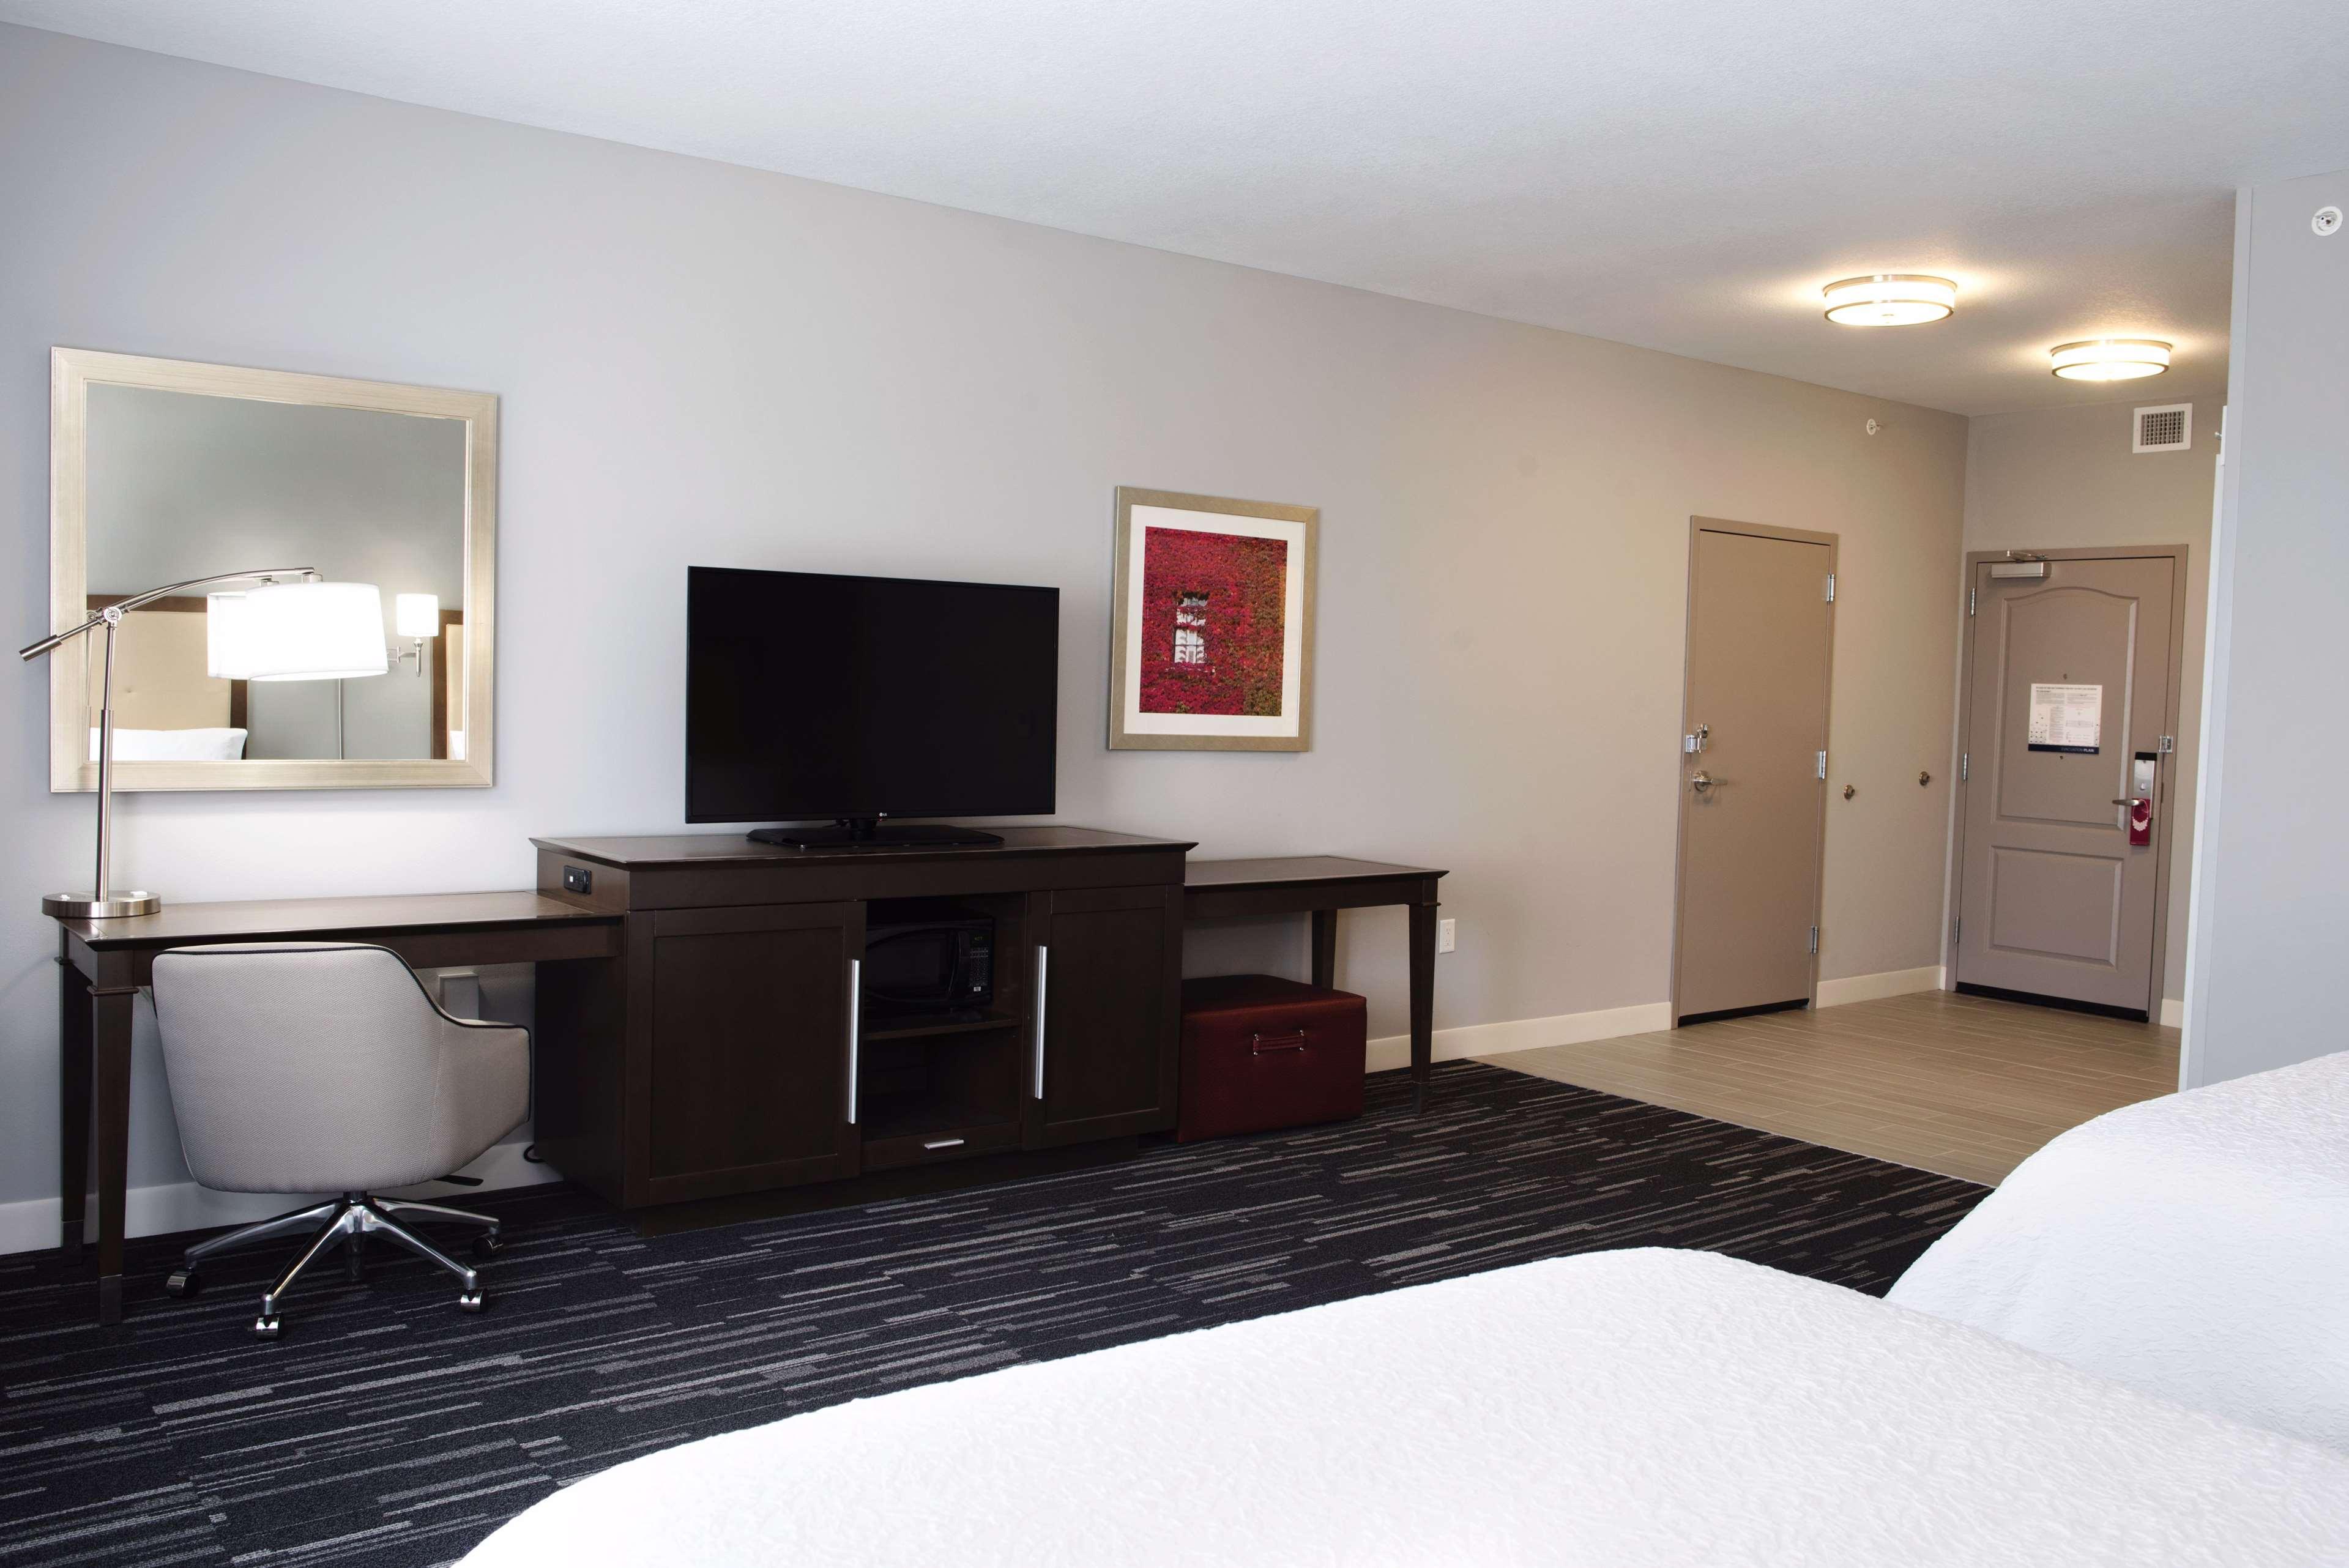 Hampton Inn & Suites Des Moines/Urbandale image 21